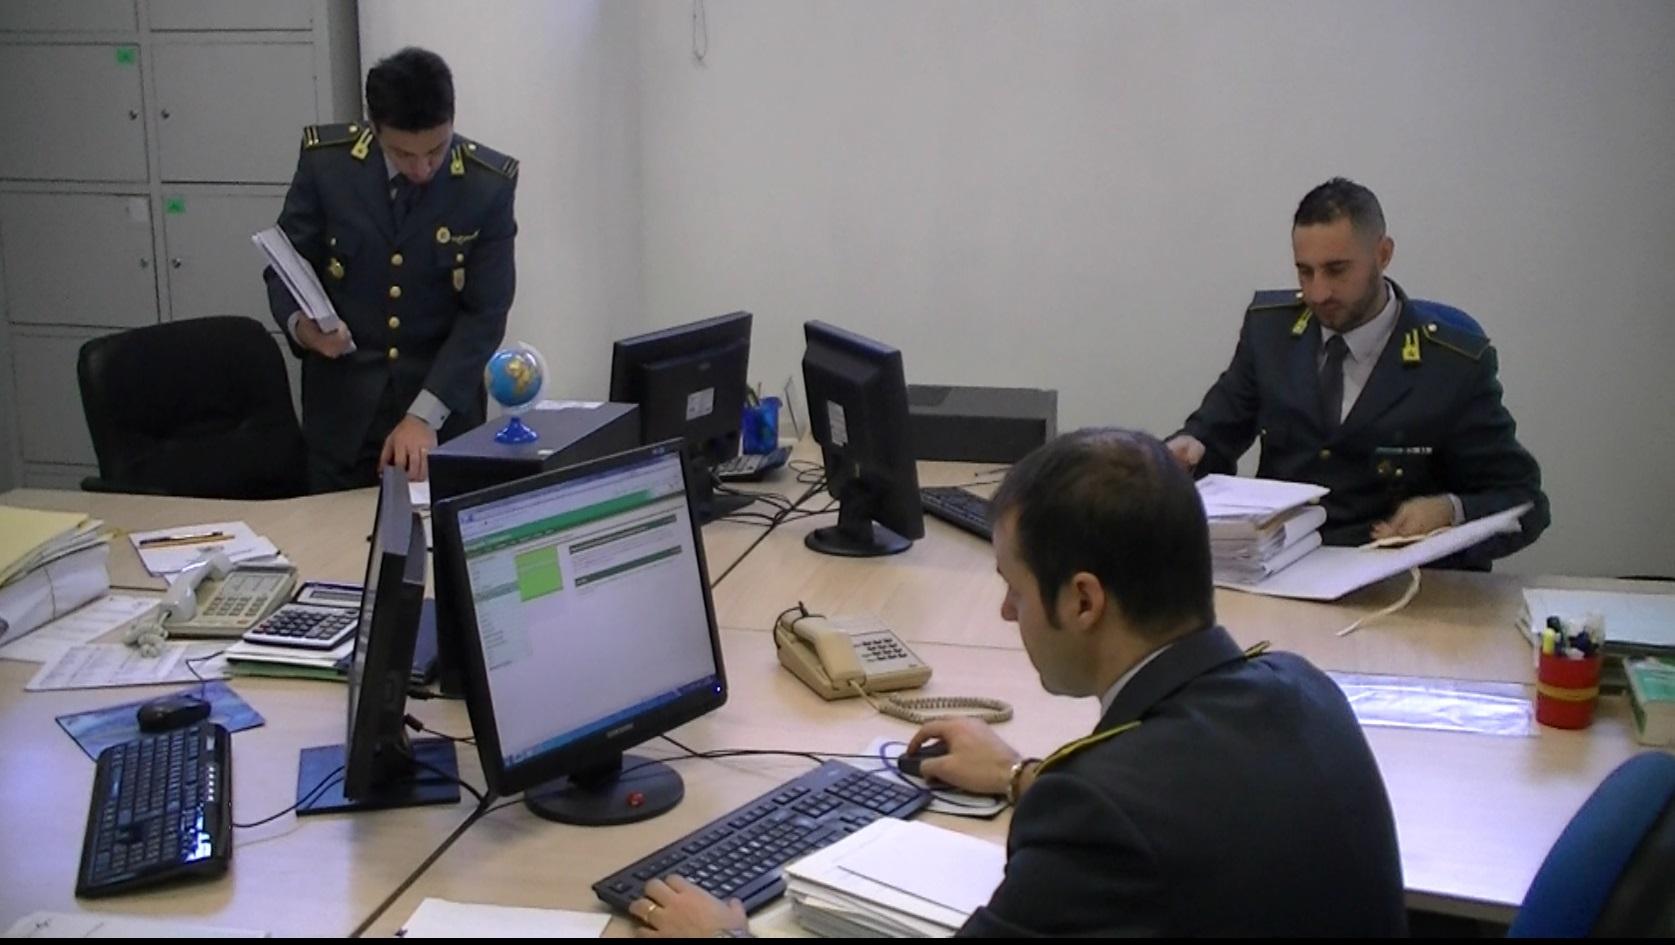 Prato: contrabbando ed evasione fiscale: denunciati 7 soggetti